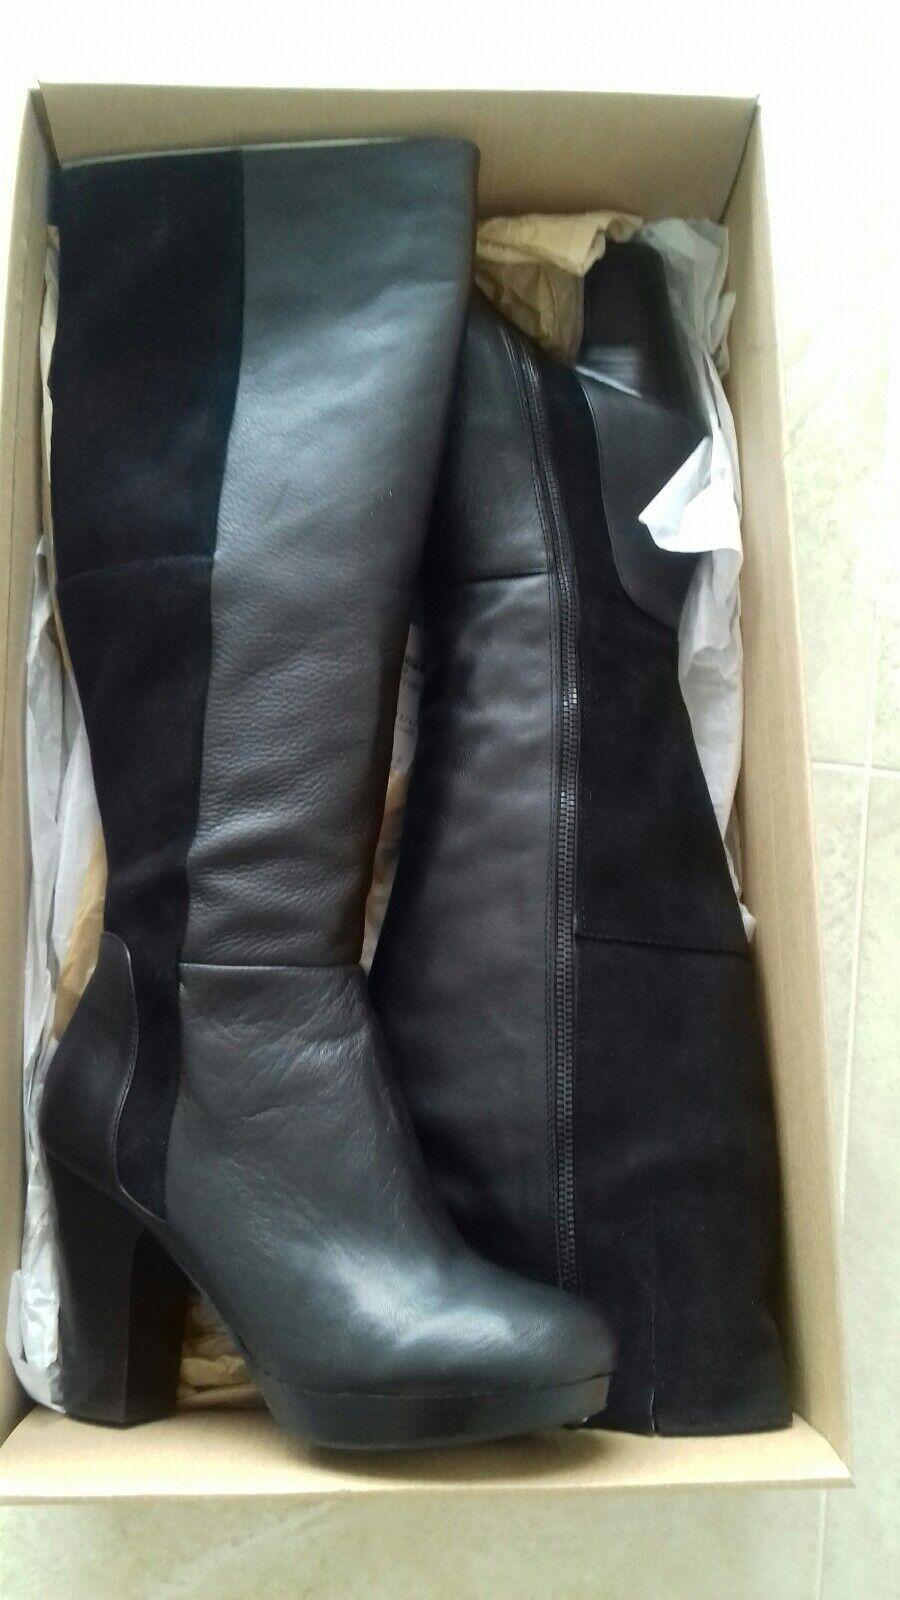 Nouveau Bertie  Samanda  en cuir noir bottes hautes Taille UK 5 EU 38